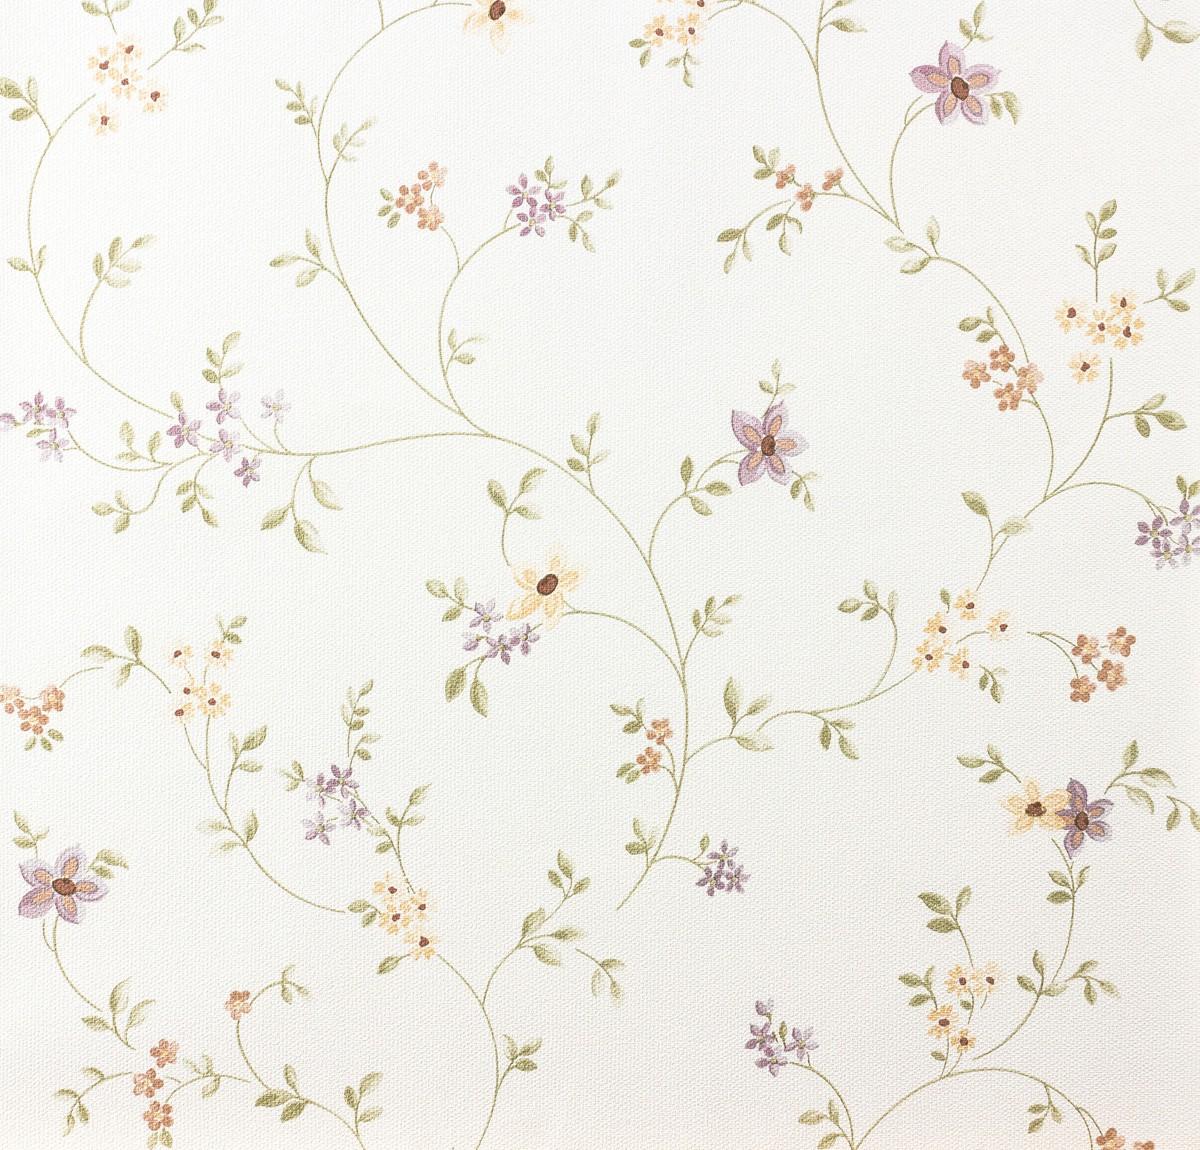 Fleuri Pastel Tapete Landhaus Vlies 93770 1 937701